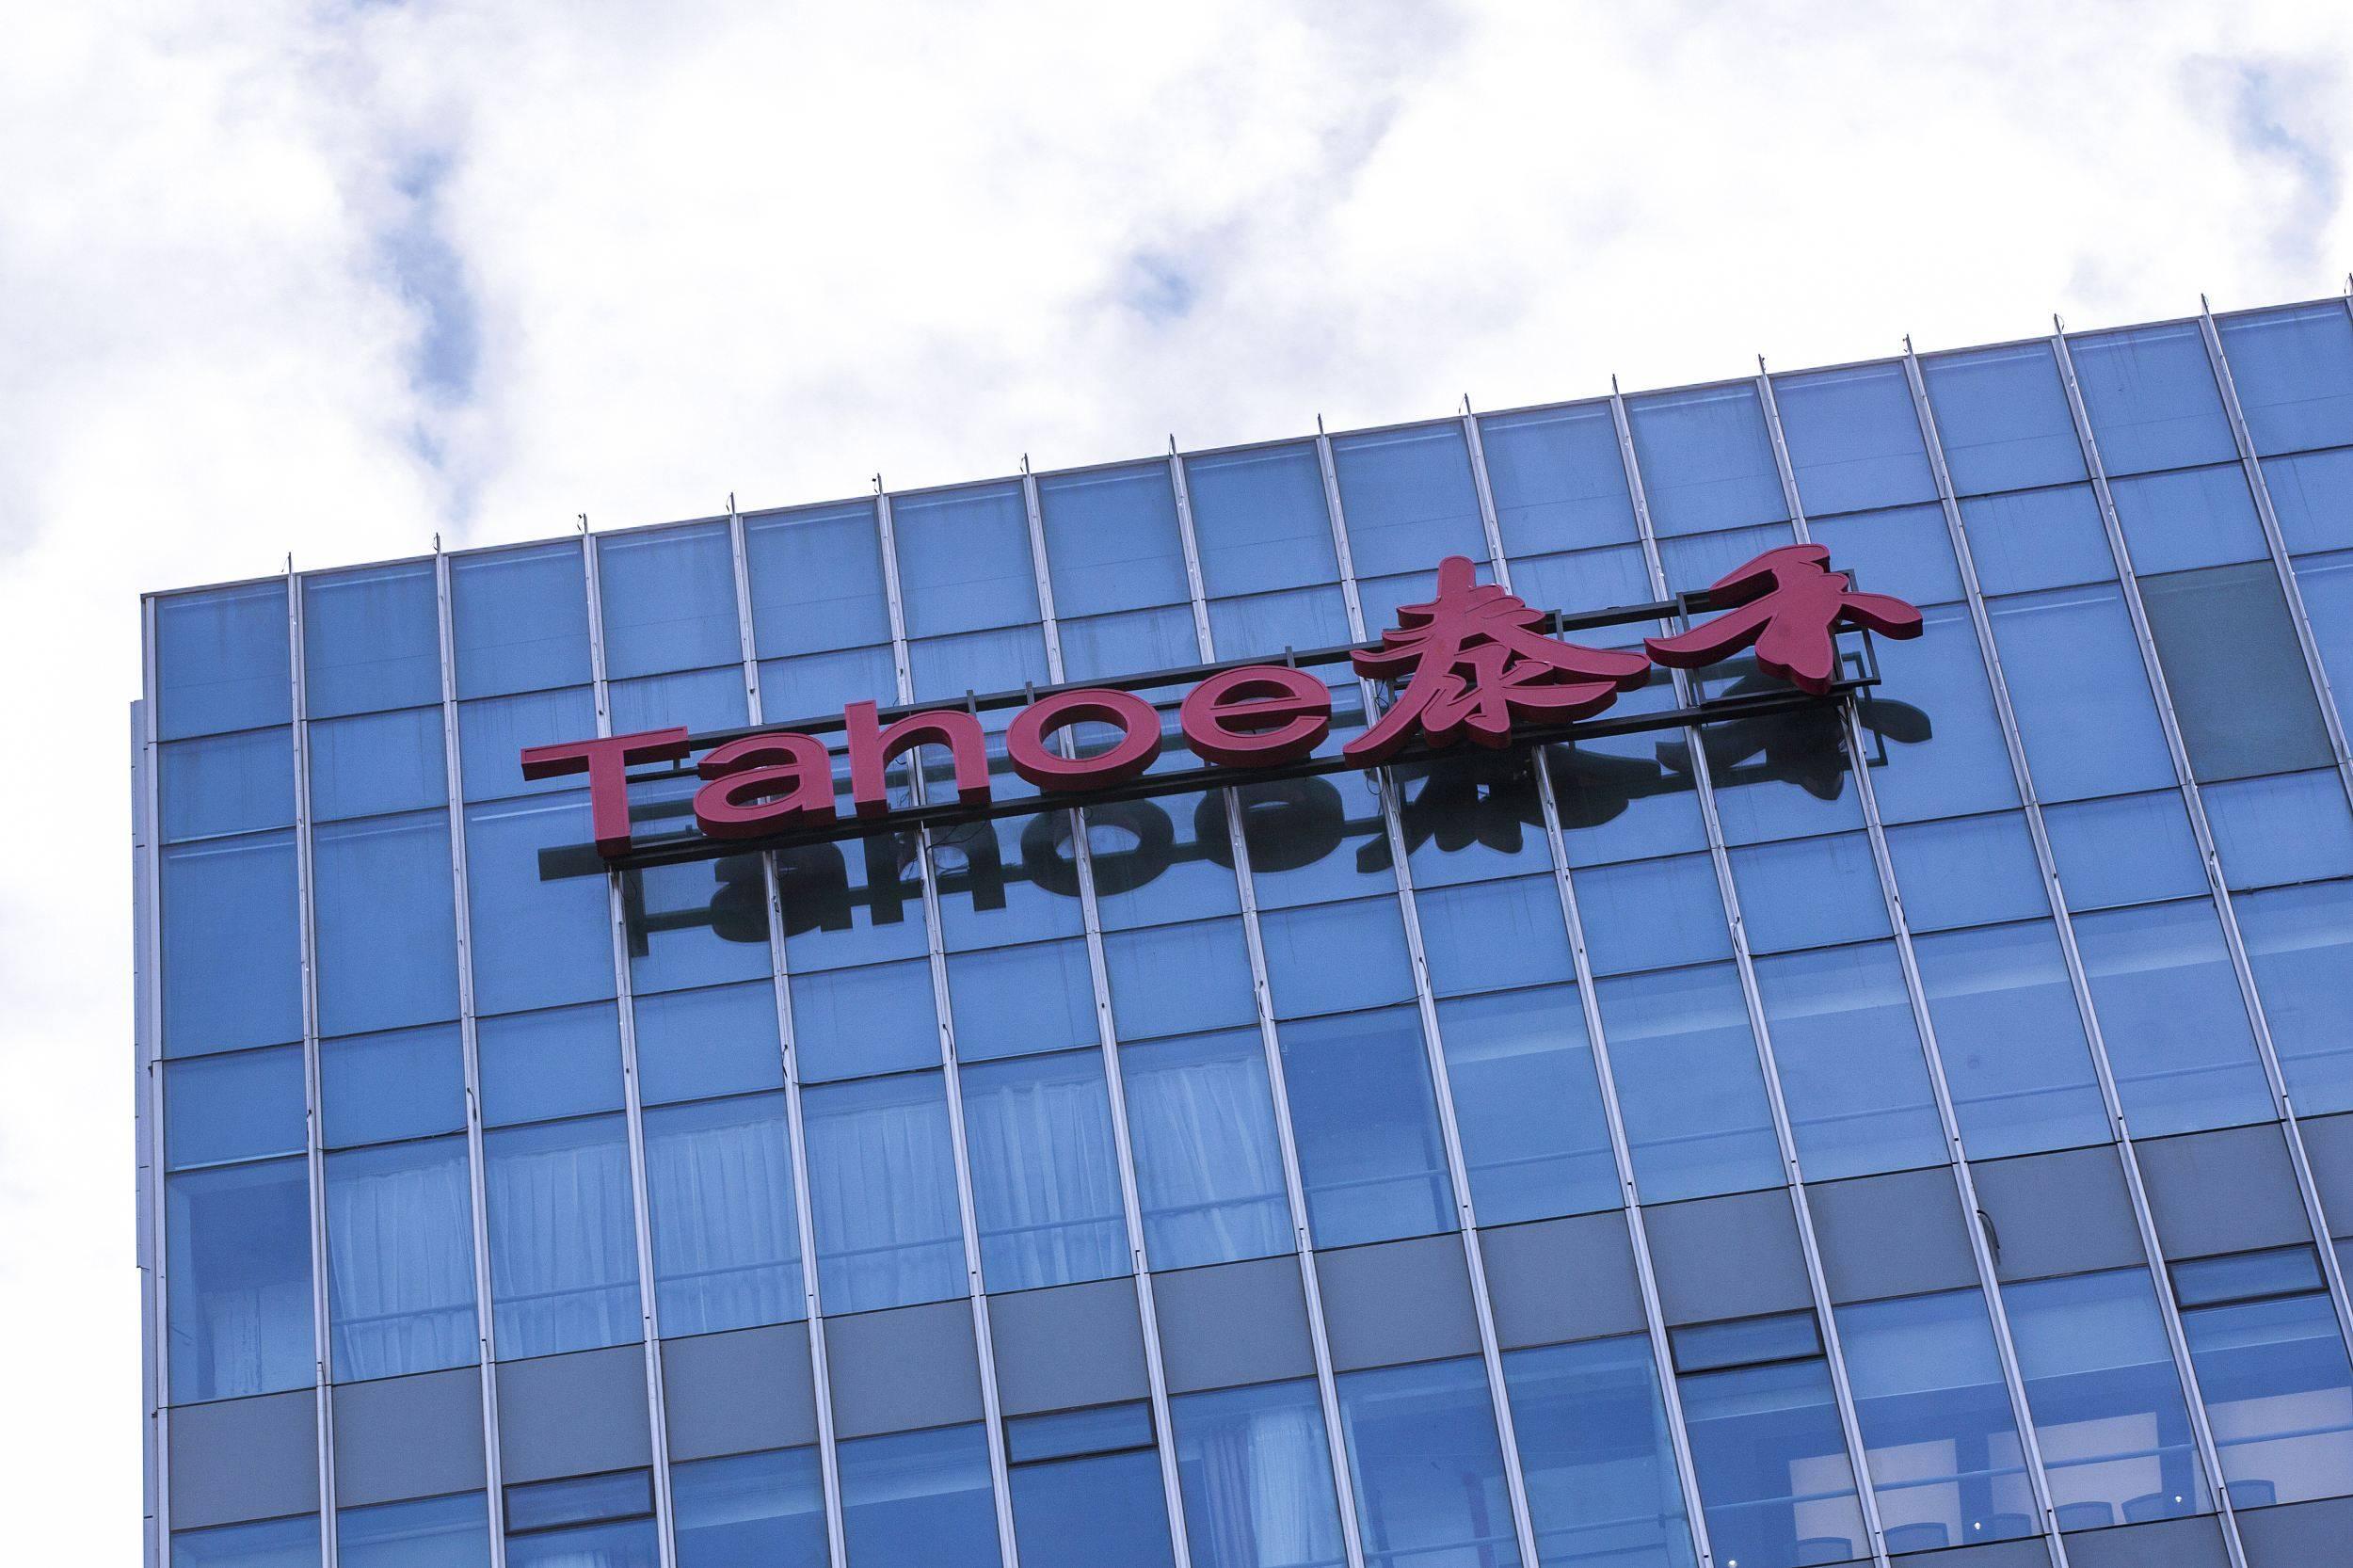 泰禾预计未来一年对子公司新增担保672亿,多数负债超七成